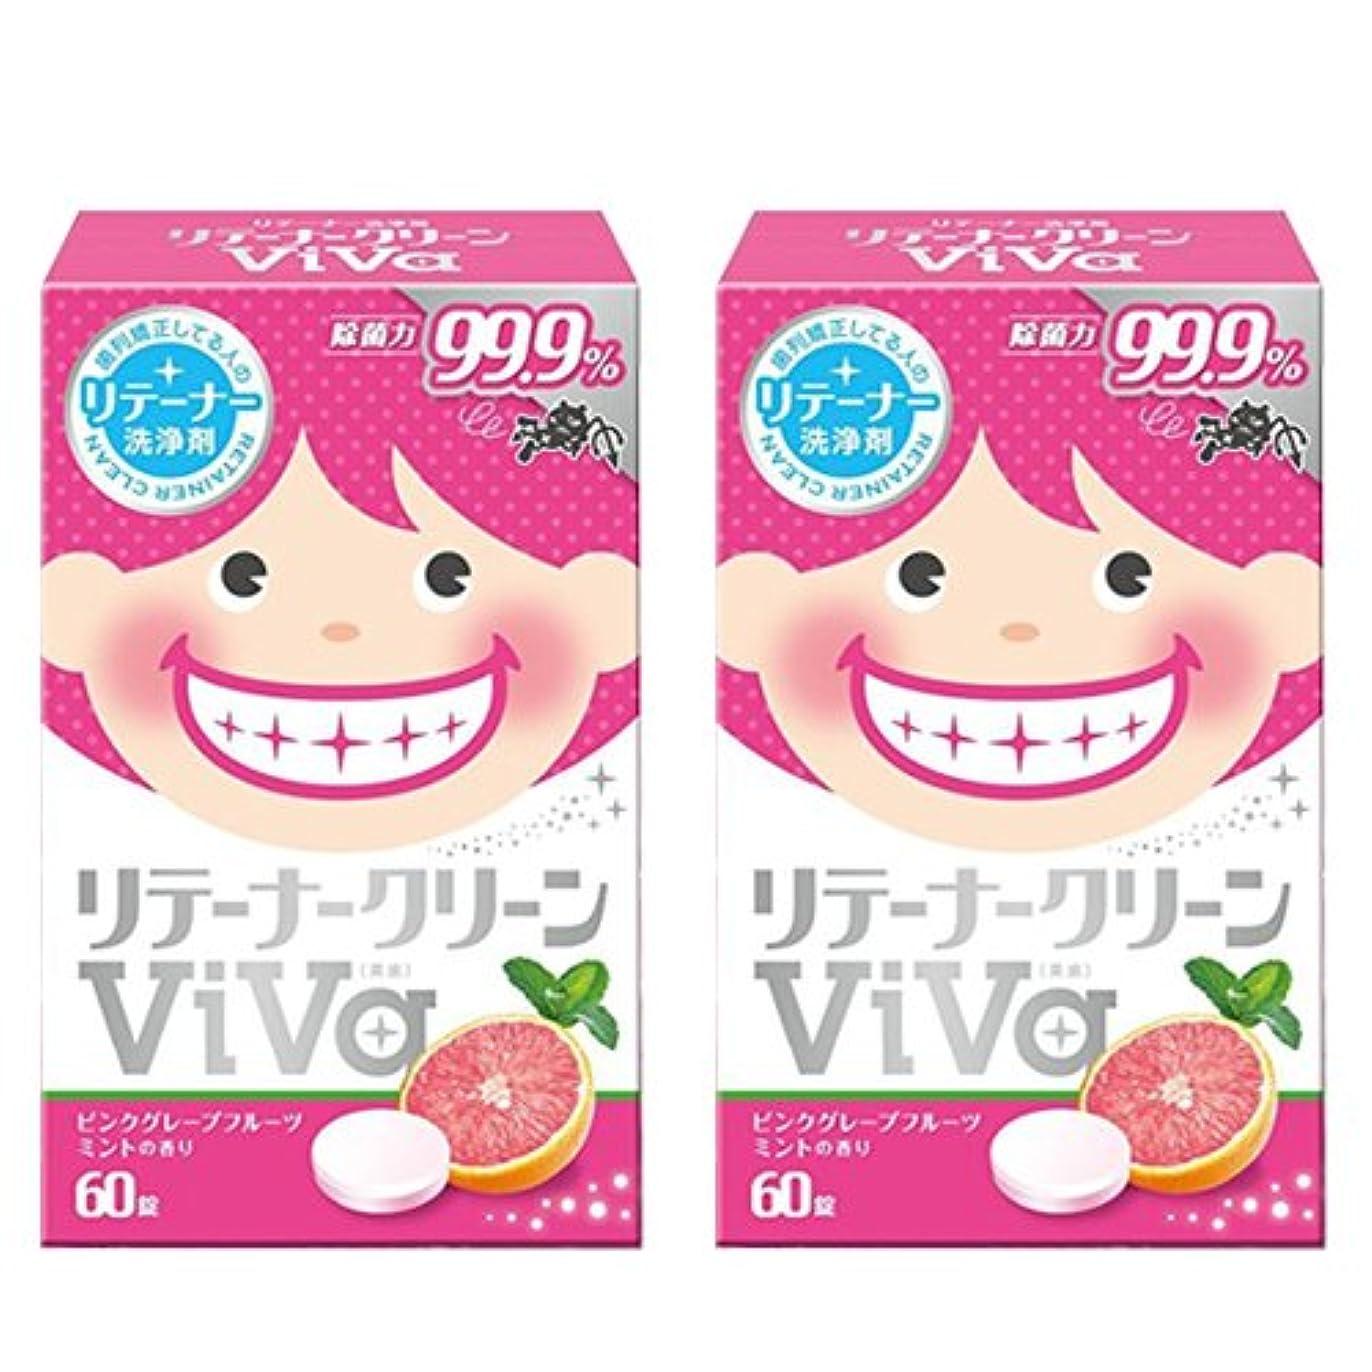 石膏遠征エンドウリテーナークリーン ViVa 60錠 歯列矯正している人のリテーナー洗浄剤 (2箱)